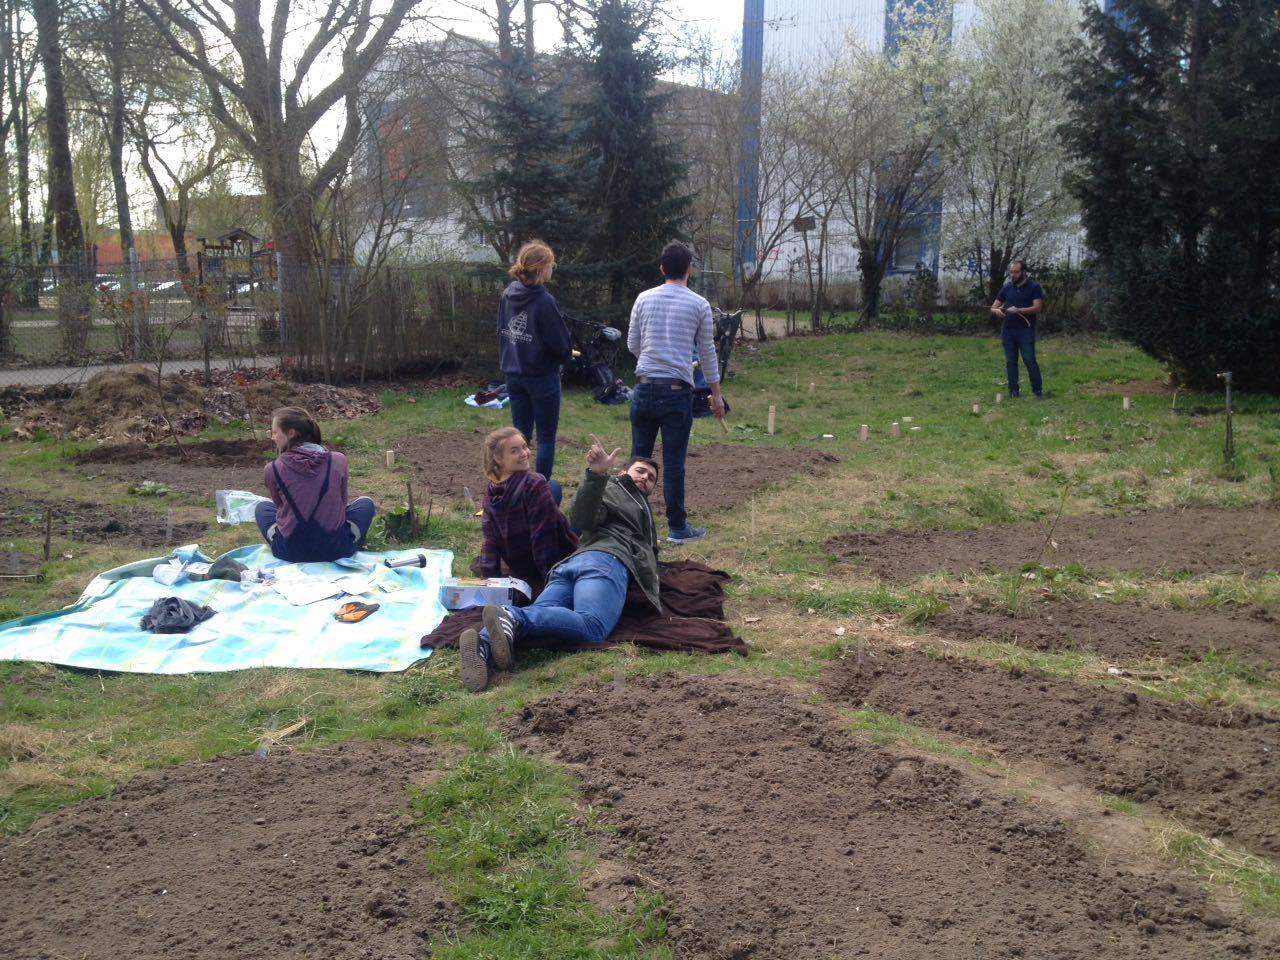 Im Garten wird nicht immer nur gearbeitet. Am 09. April haben wir das tolle Wetter für ein kleines Picknick und eine Runde Wikingerschach genutzt.